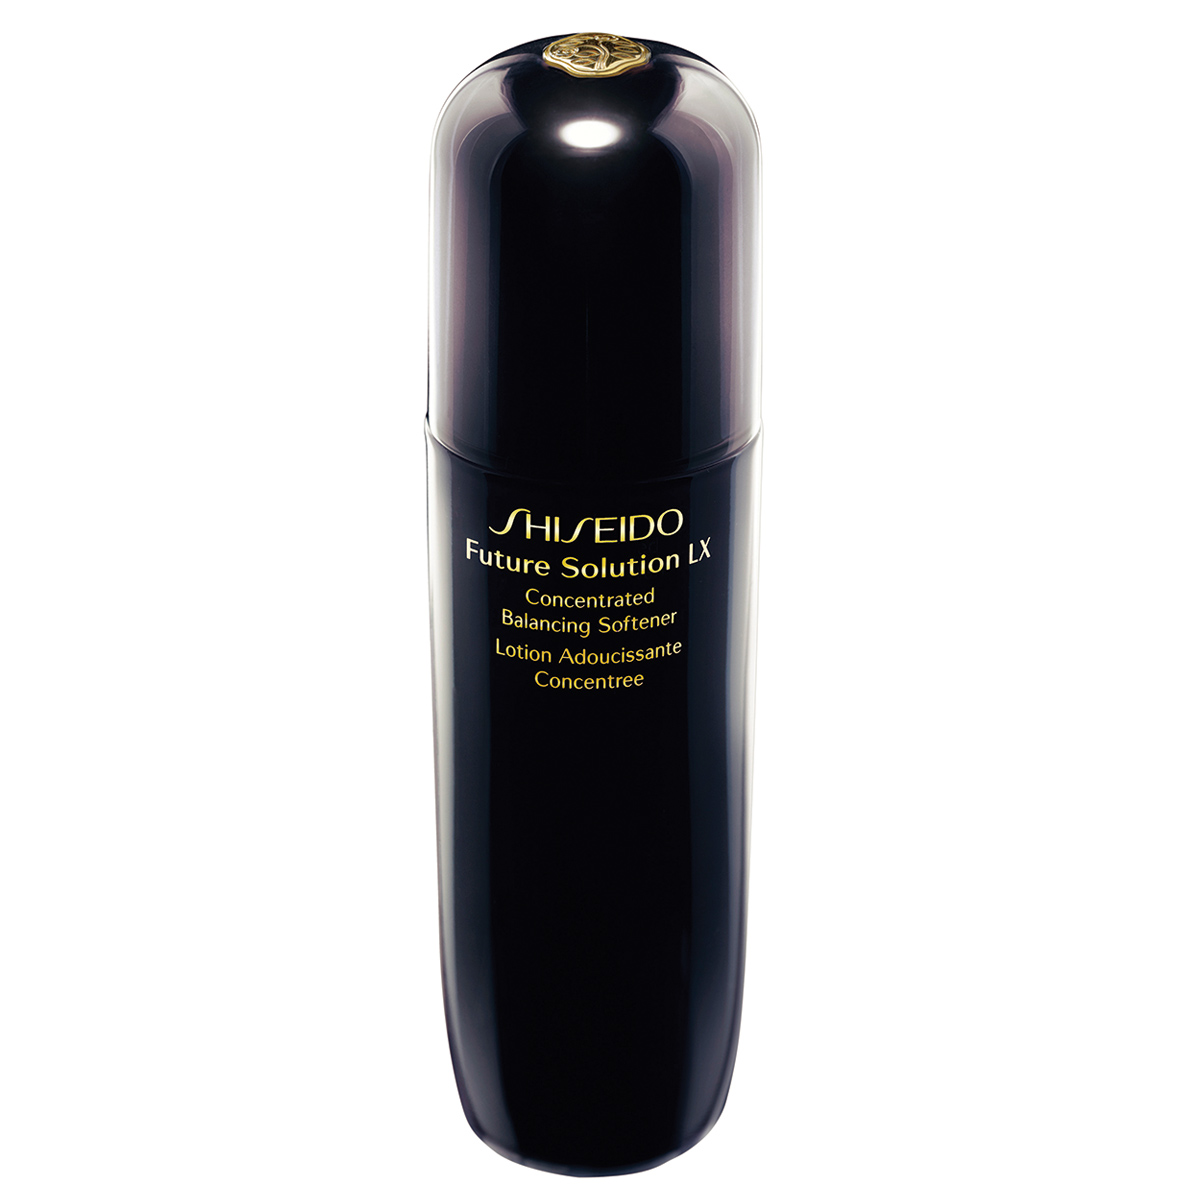 Shiseido - Future Solution Lx - Lotion Adoucissante Concentrée 150 ml